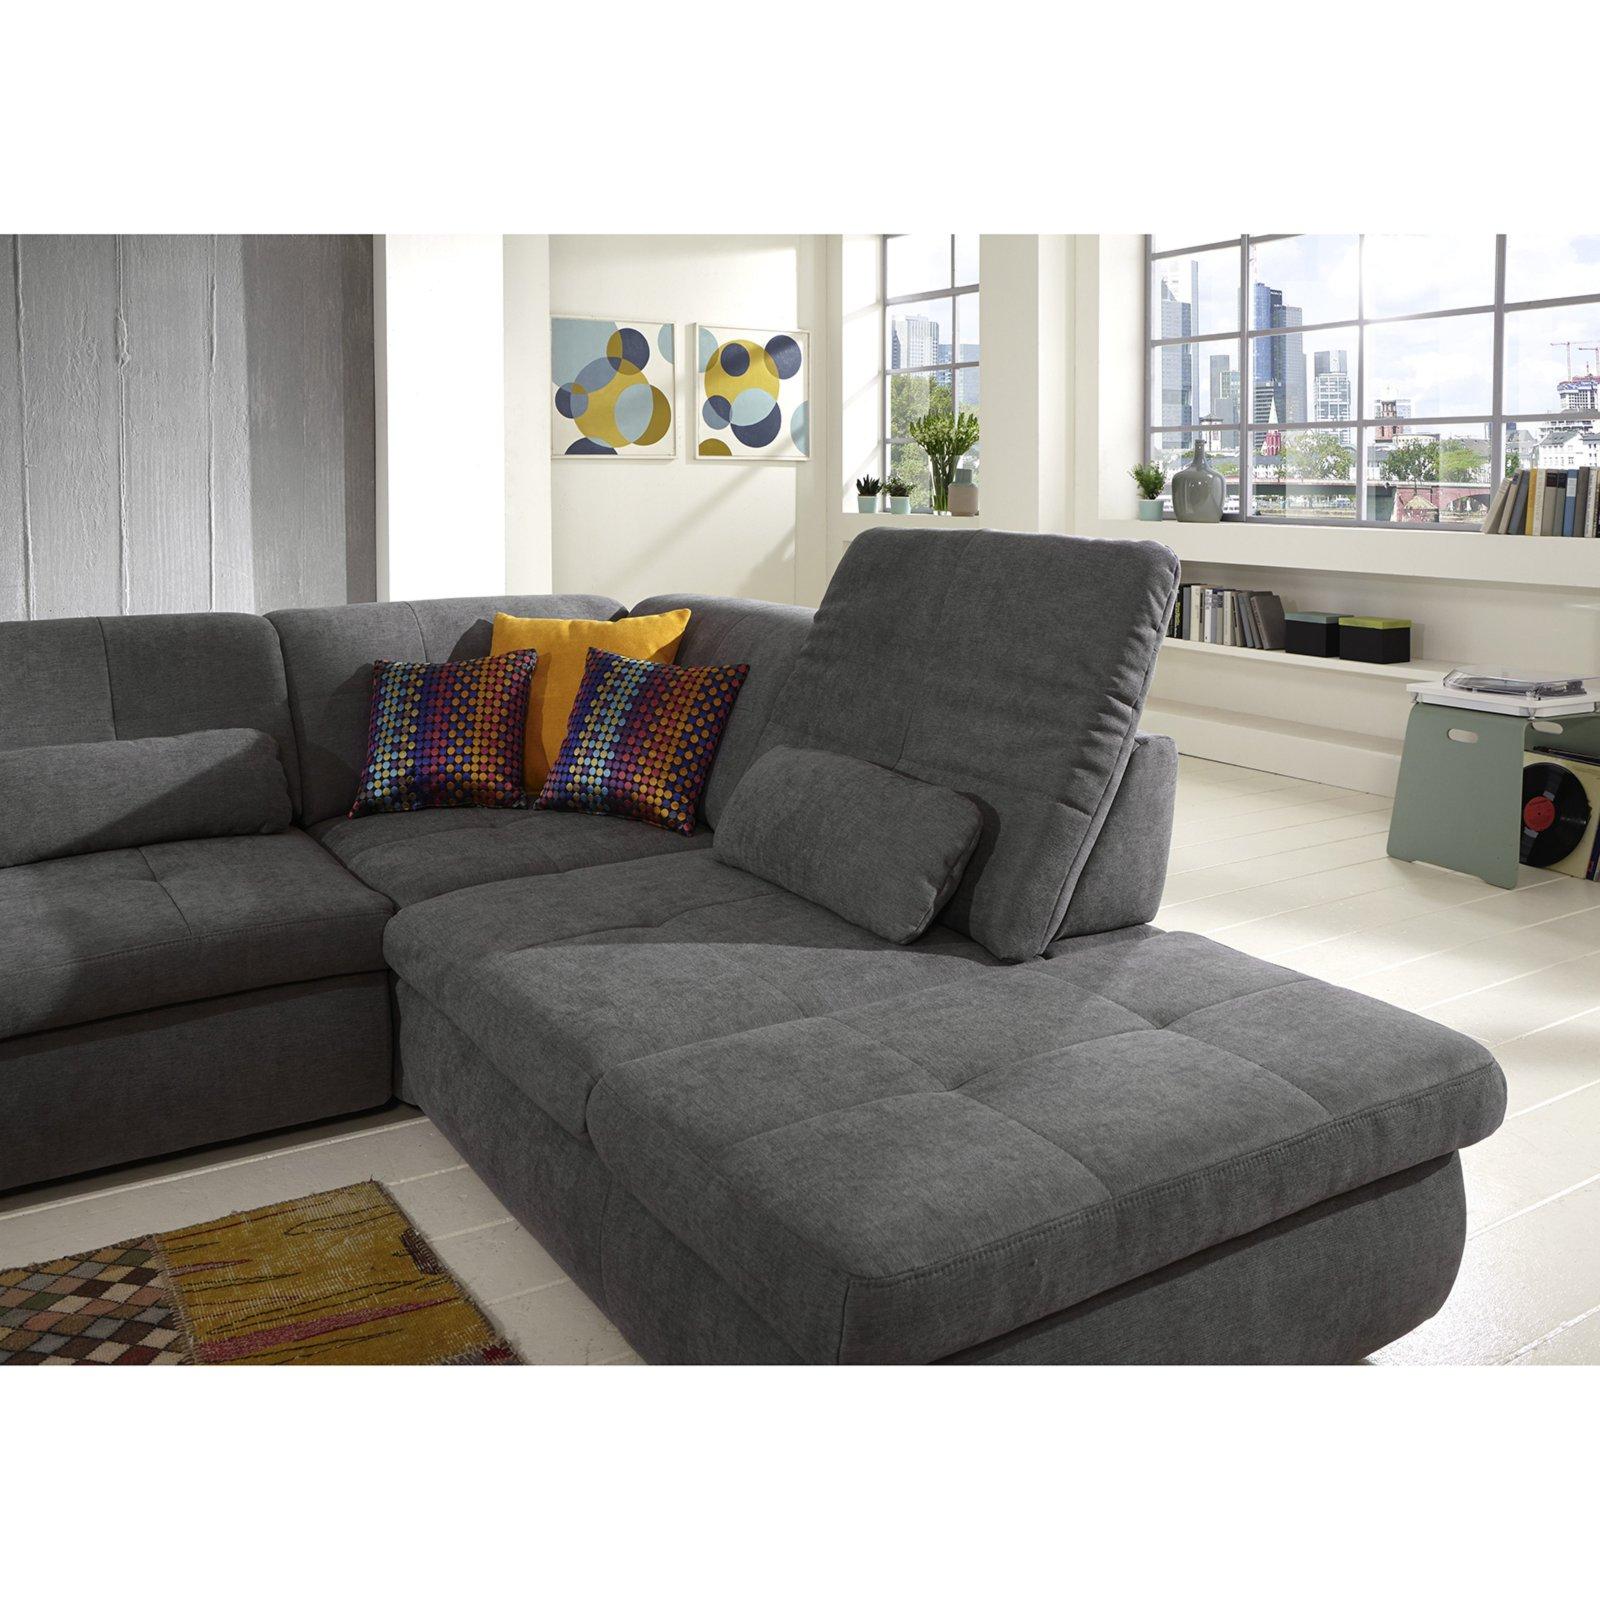 sofa mit sesselfunktion. Black Bedroom Furniture Sets. Home Design Ideas